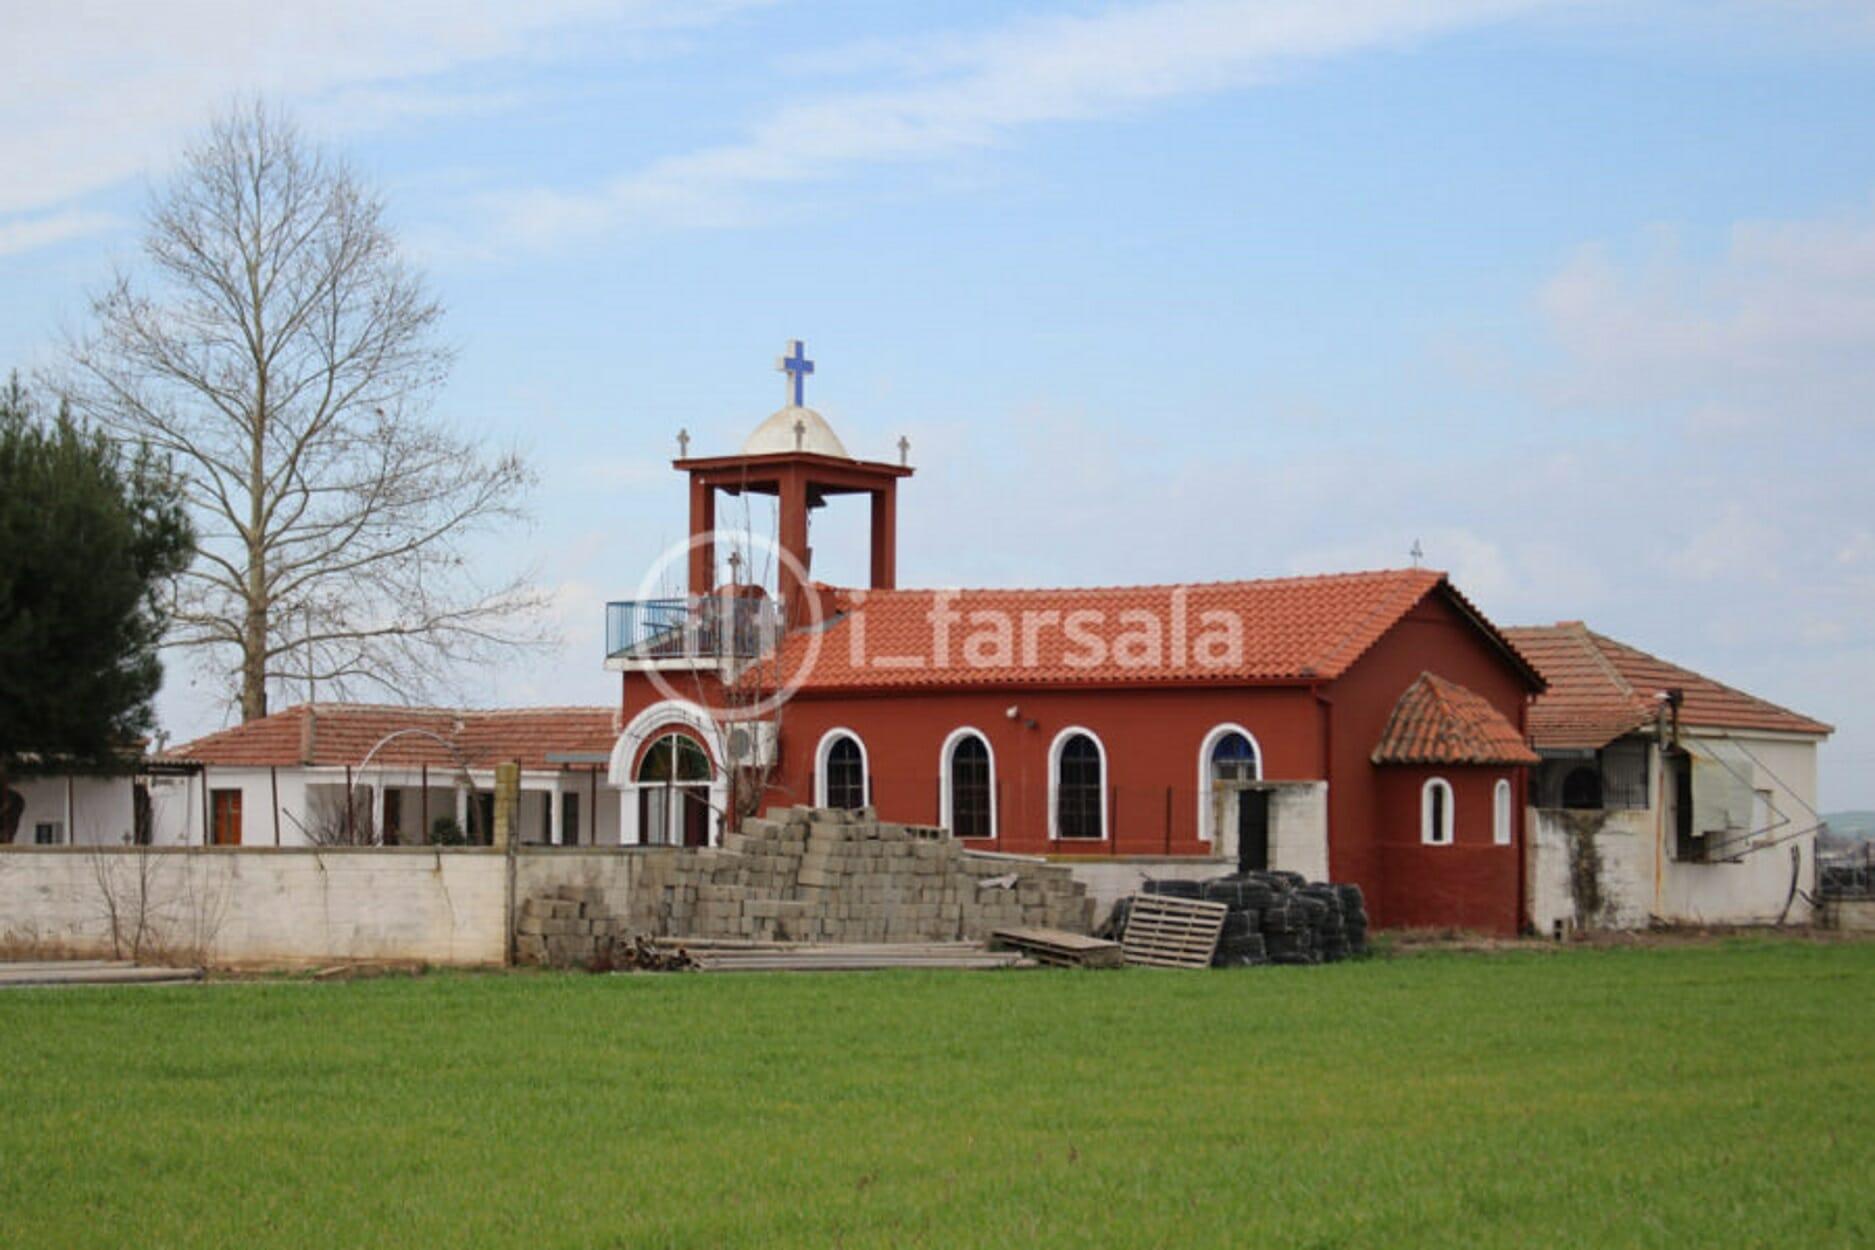 """Φάρσαλα: Ιερόσυλοι """"έγδυσαν"""" μοναστήρι αποτυγχάνοντας να κλέψουν και την καμπάνα!i"""